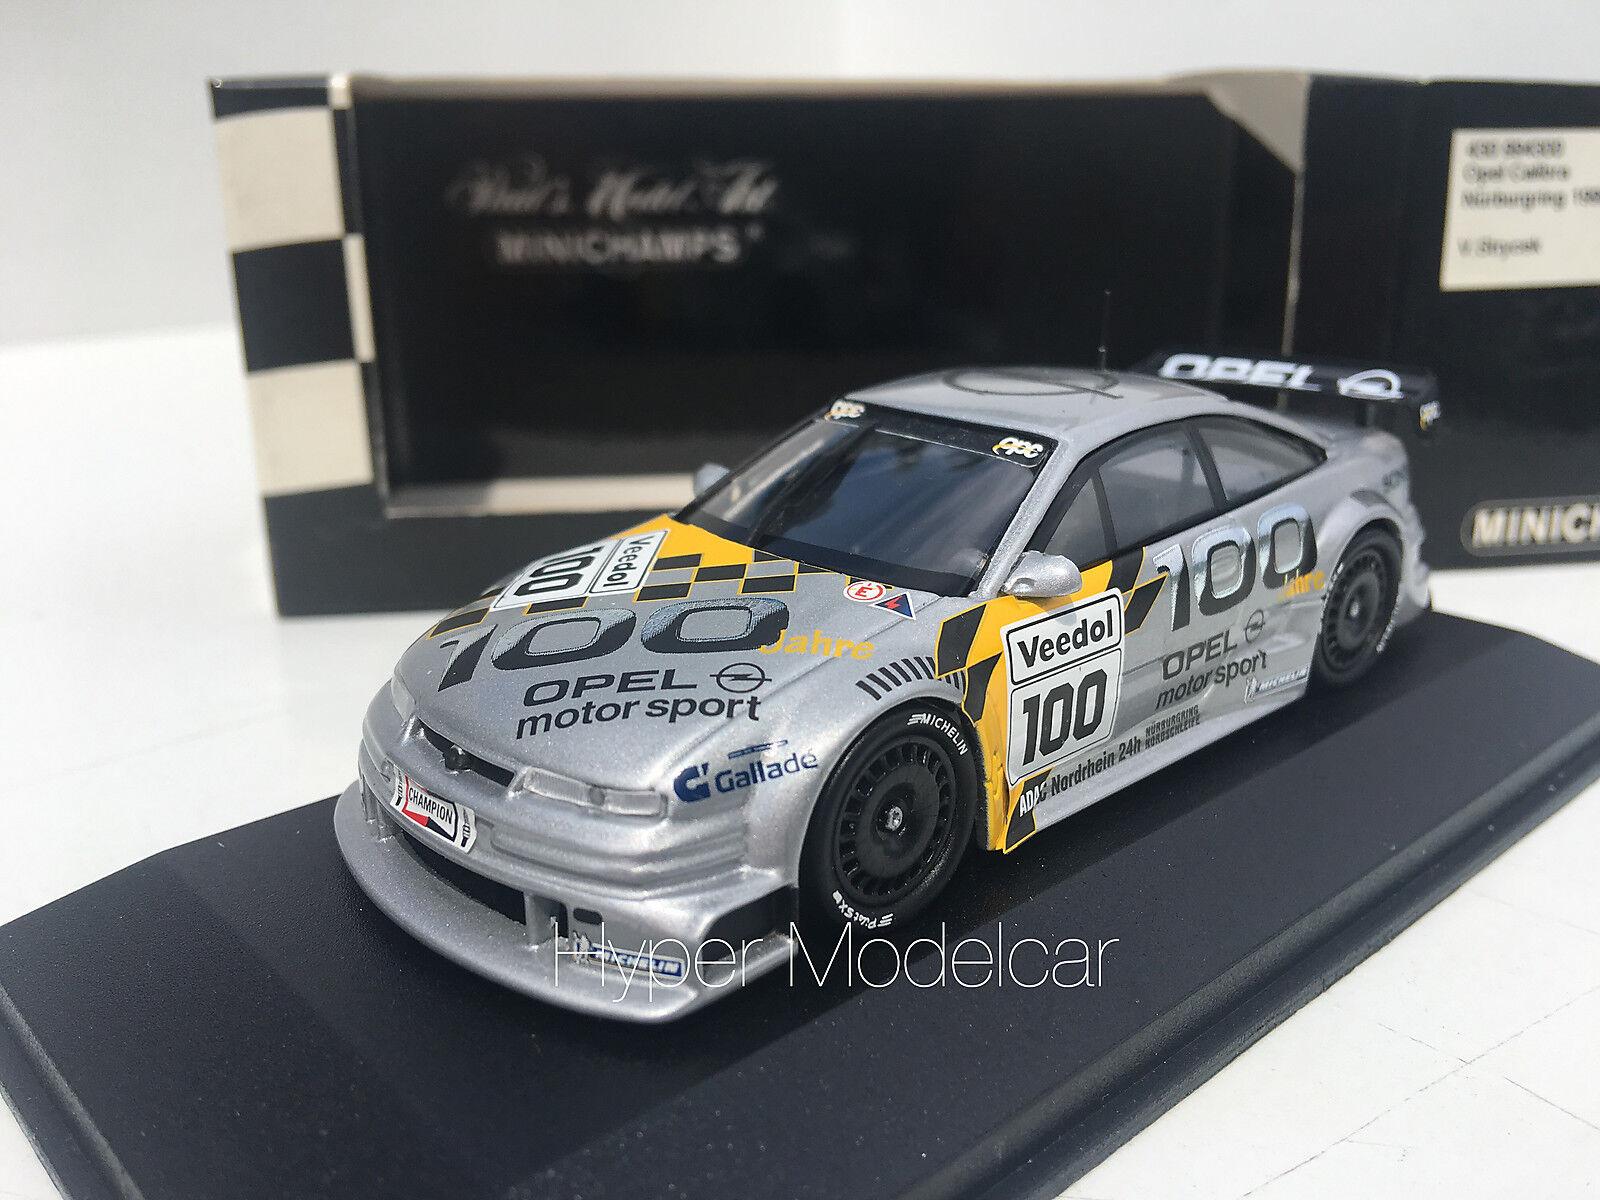 Minichamps 1 43 Opel Calibra V6  100 Nurburgring 1999 Art.430994300